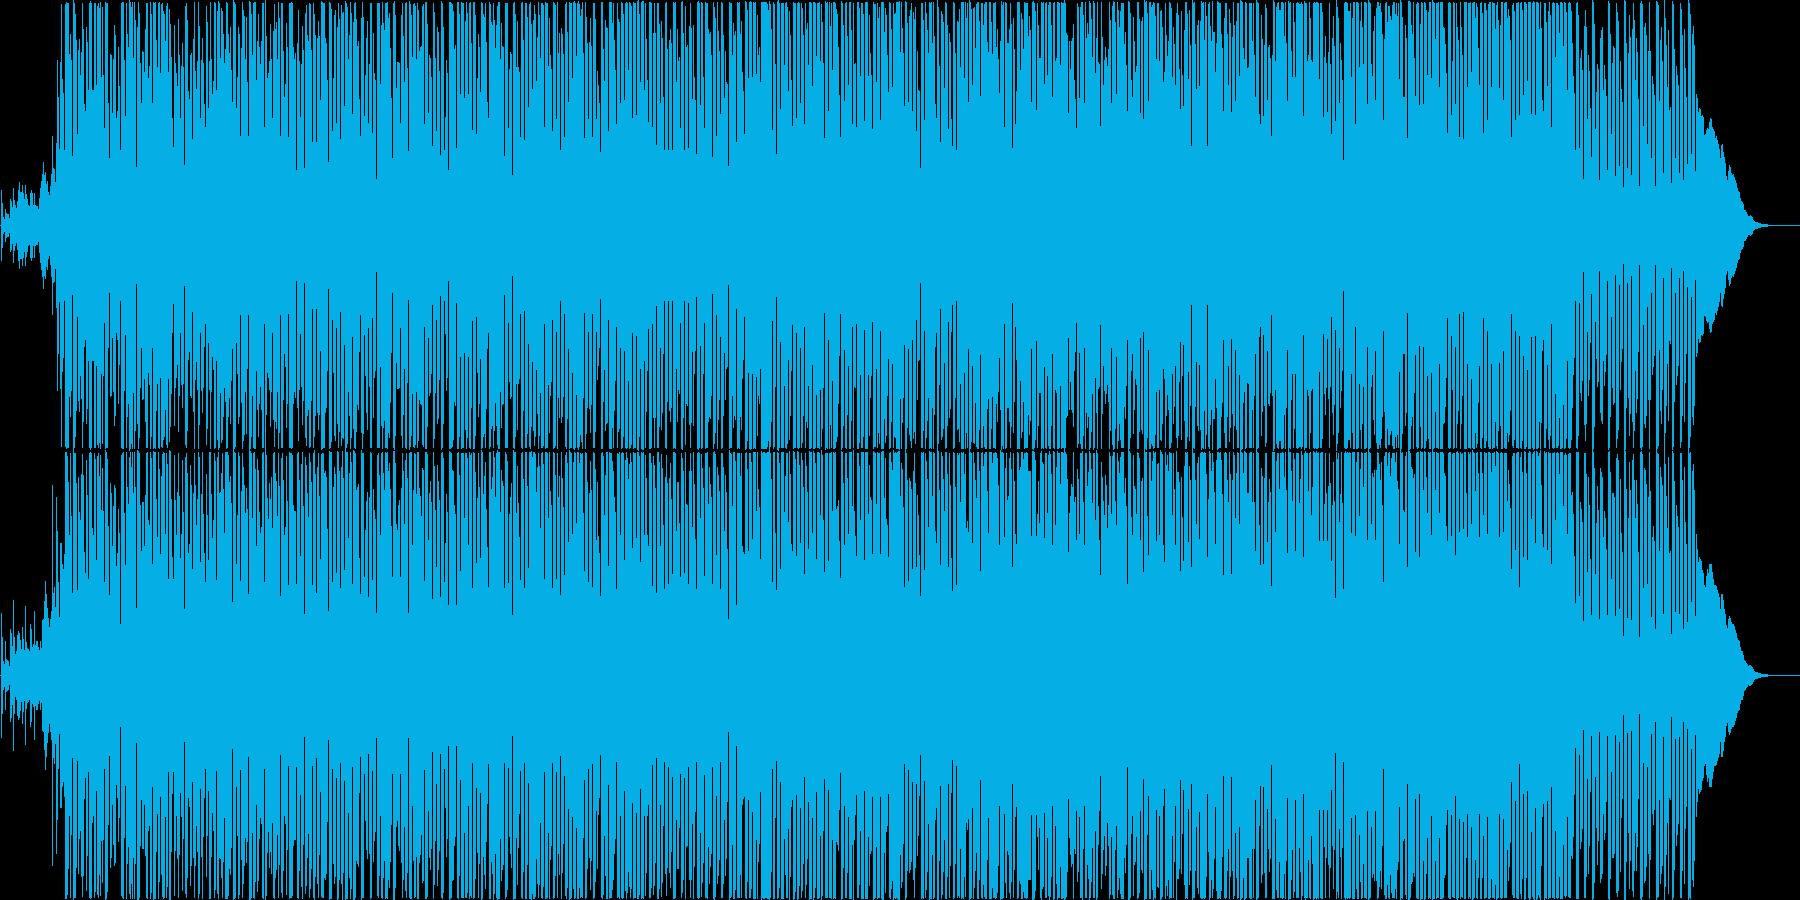 懐かしい未来センチメンタルなテクノポップの再生済みの波形